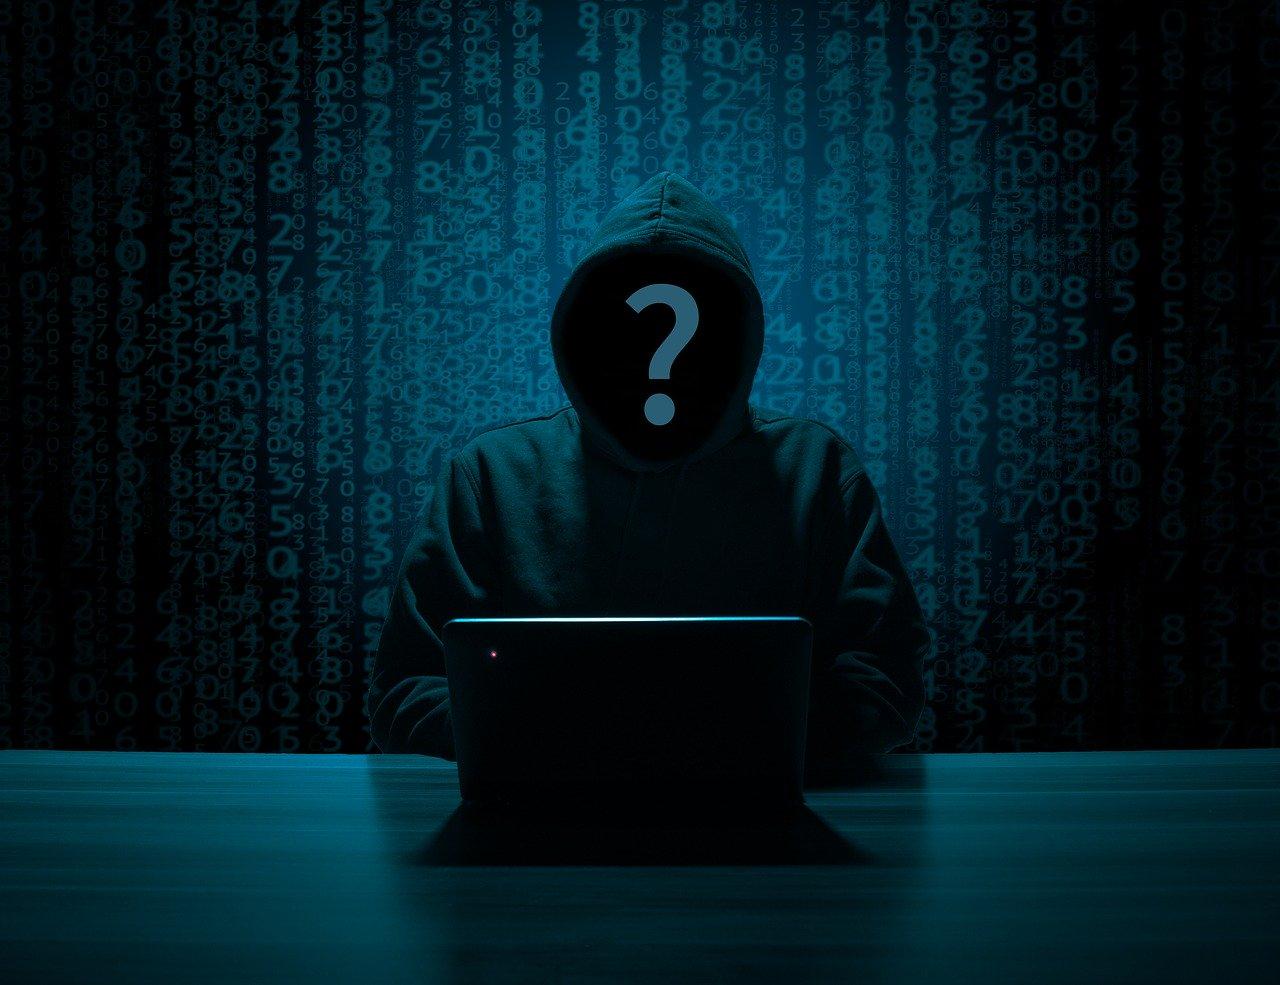 02038902555 HMRC Scam Calls  Beware